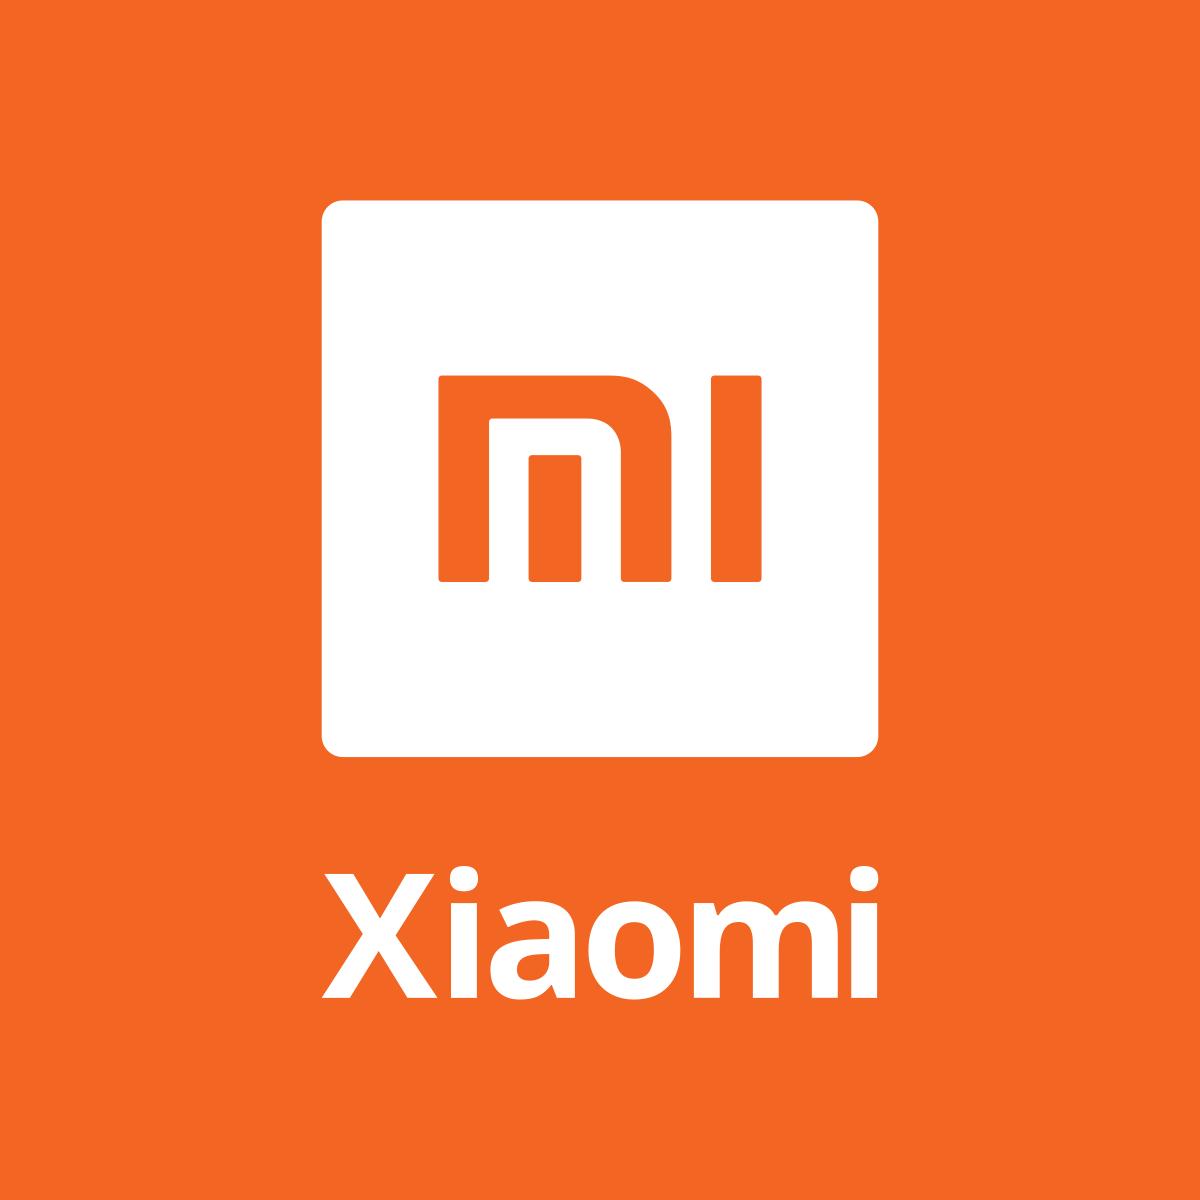 Xiaomi coupon code